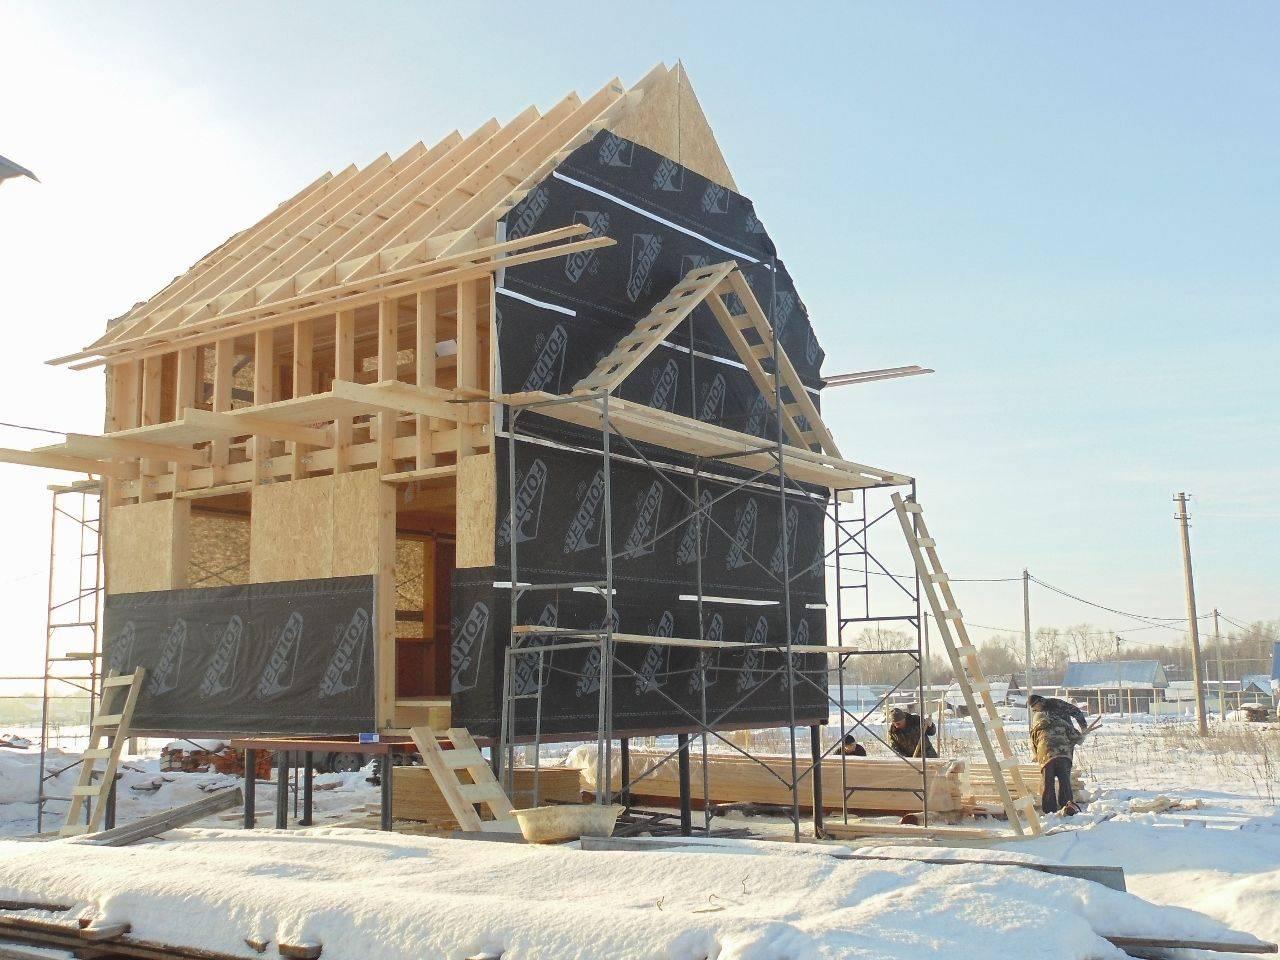 Каркасные дома — срок службы в россии, нижняя и верхняя обвязка, можно ли строить зимой?